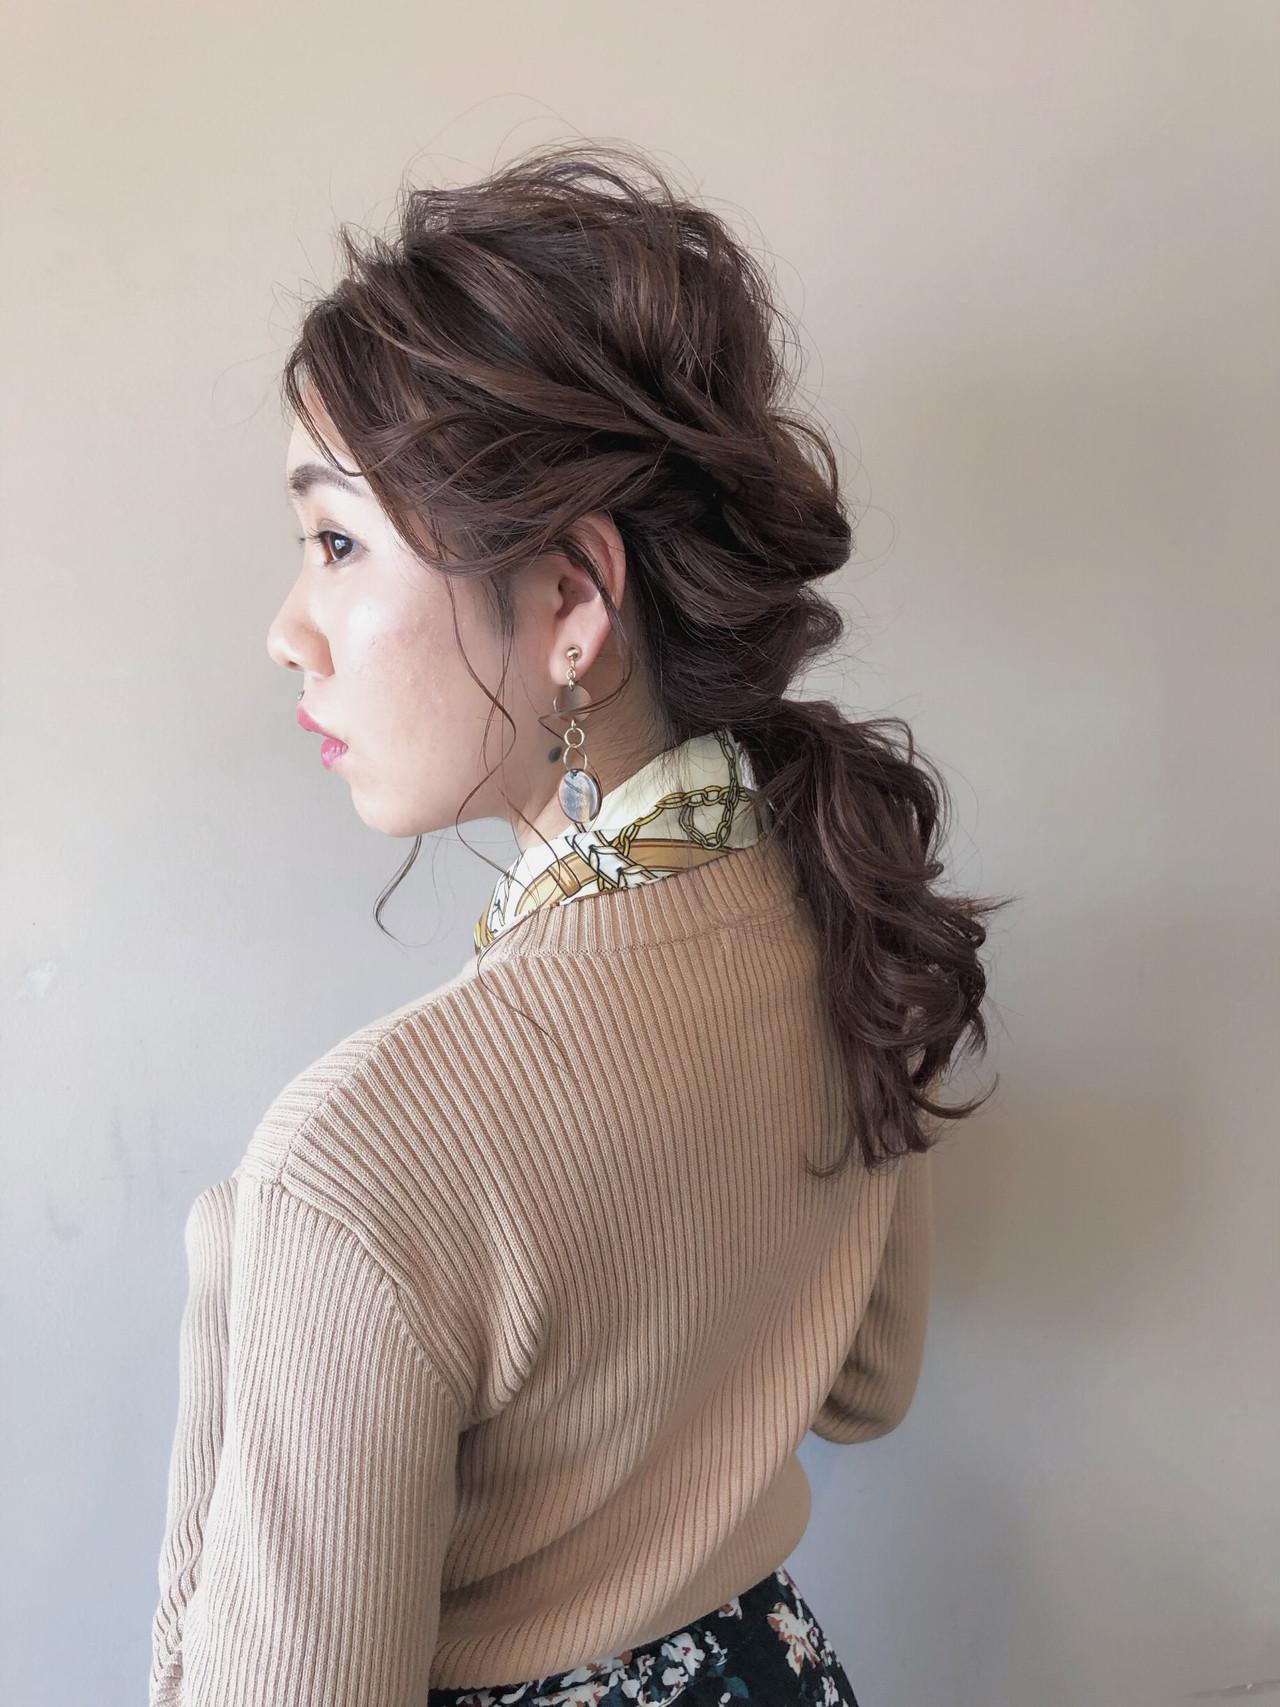 ナチュラル 結婚式 簡単ヘアアレンジ オフィス ヘアスタイルや髪型の写真・画像 | 北里和哉 / far beyond